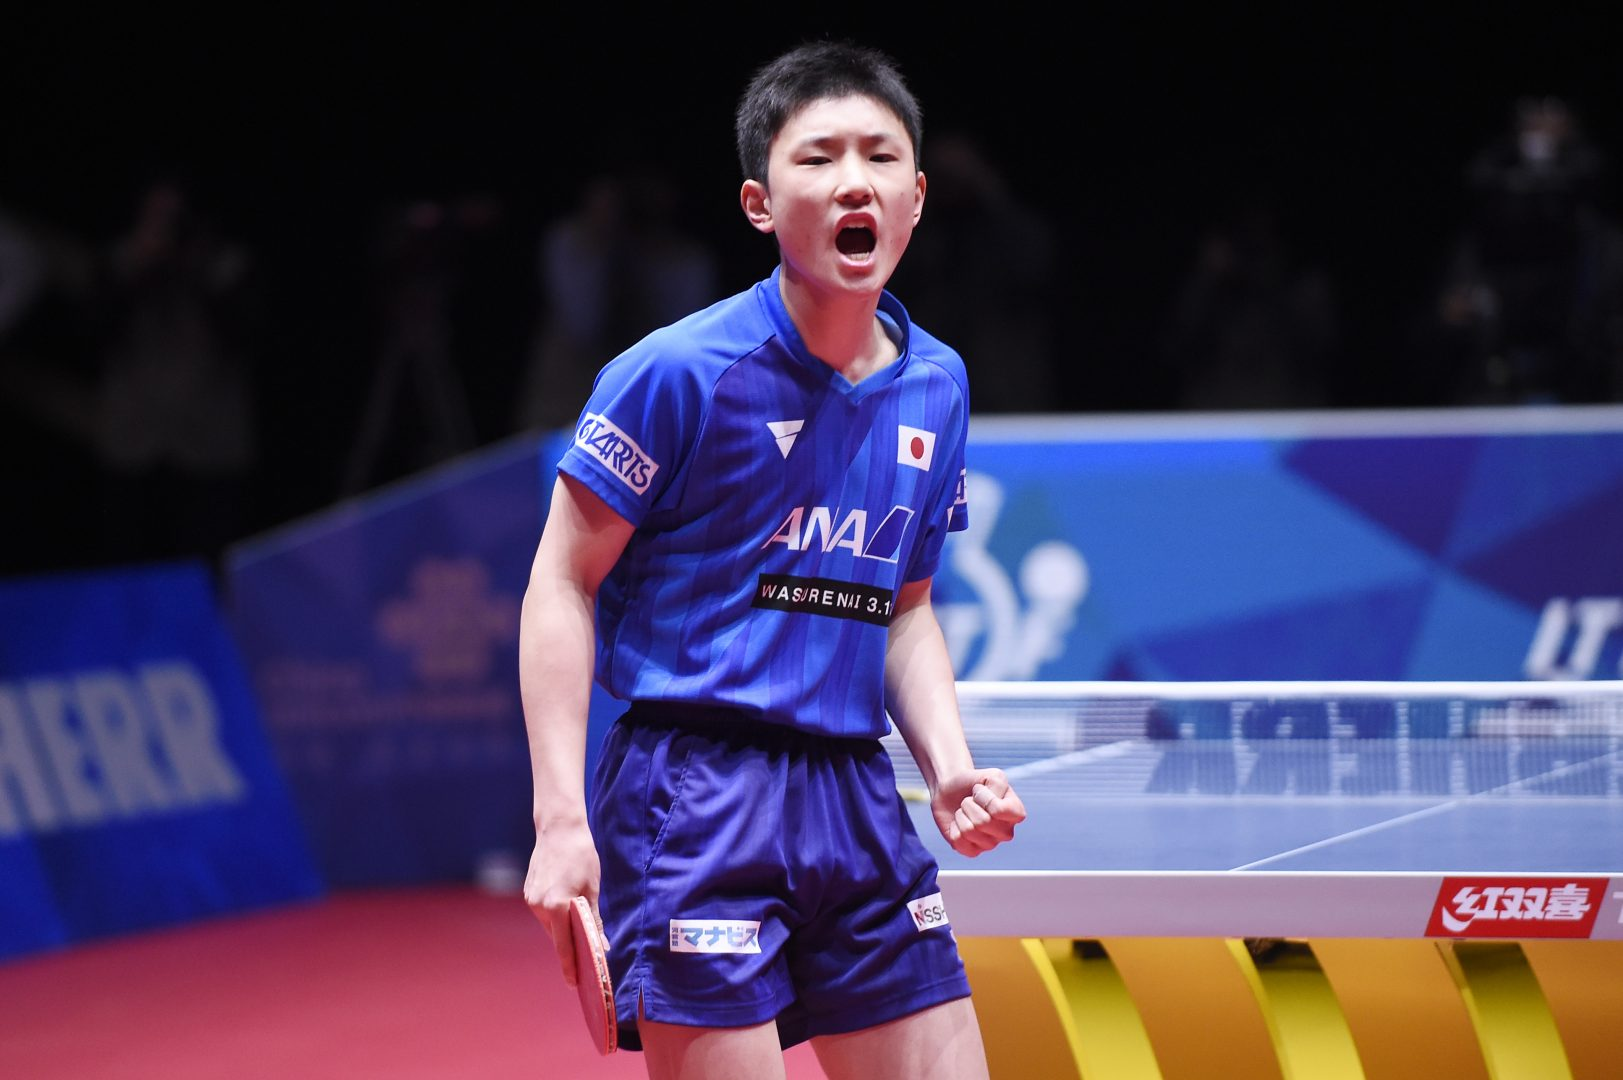 日本男子初戦  ベルギーを寄せ付けず圧勝【世界卓球2018】